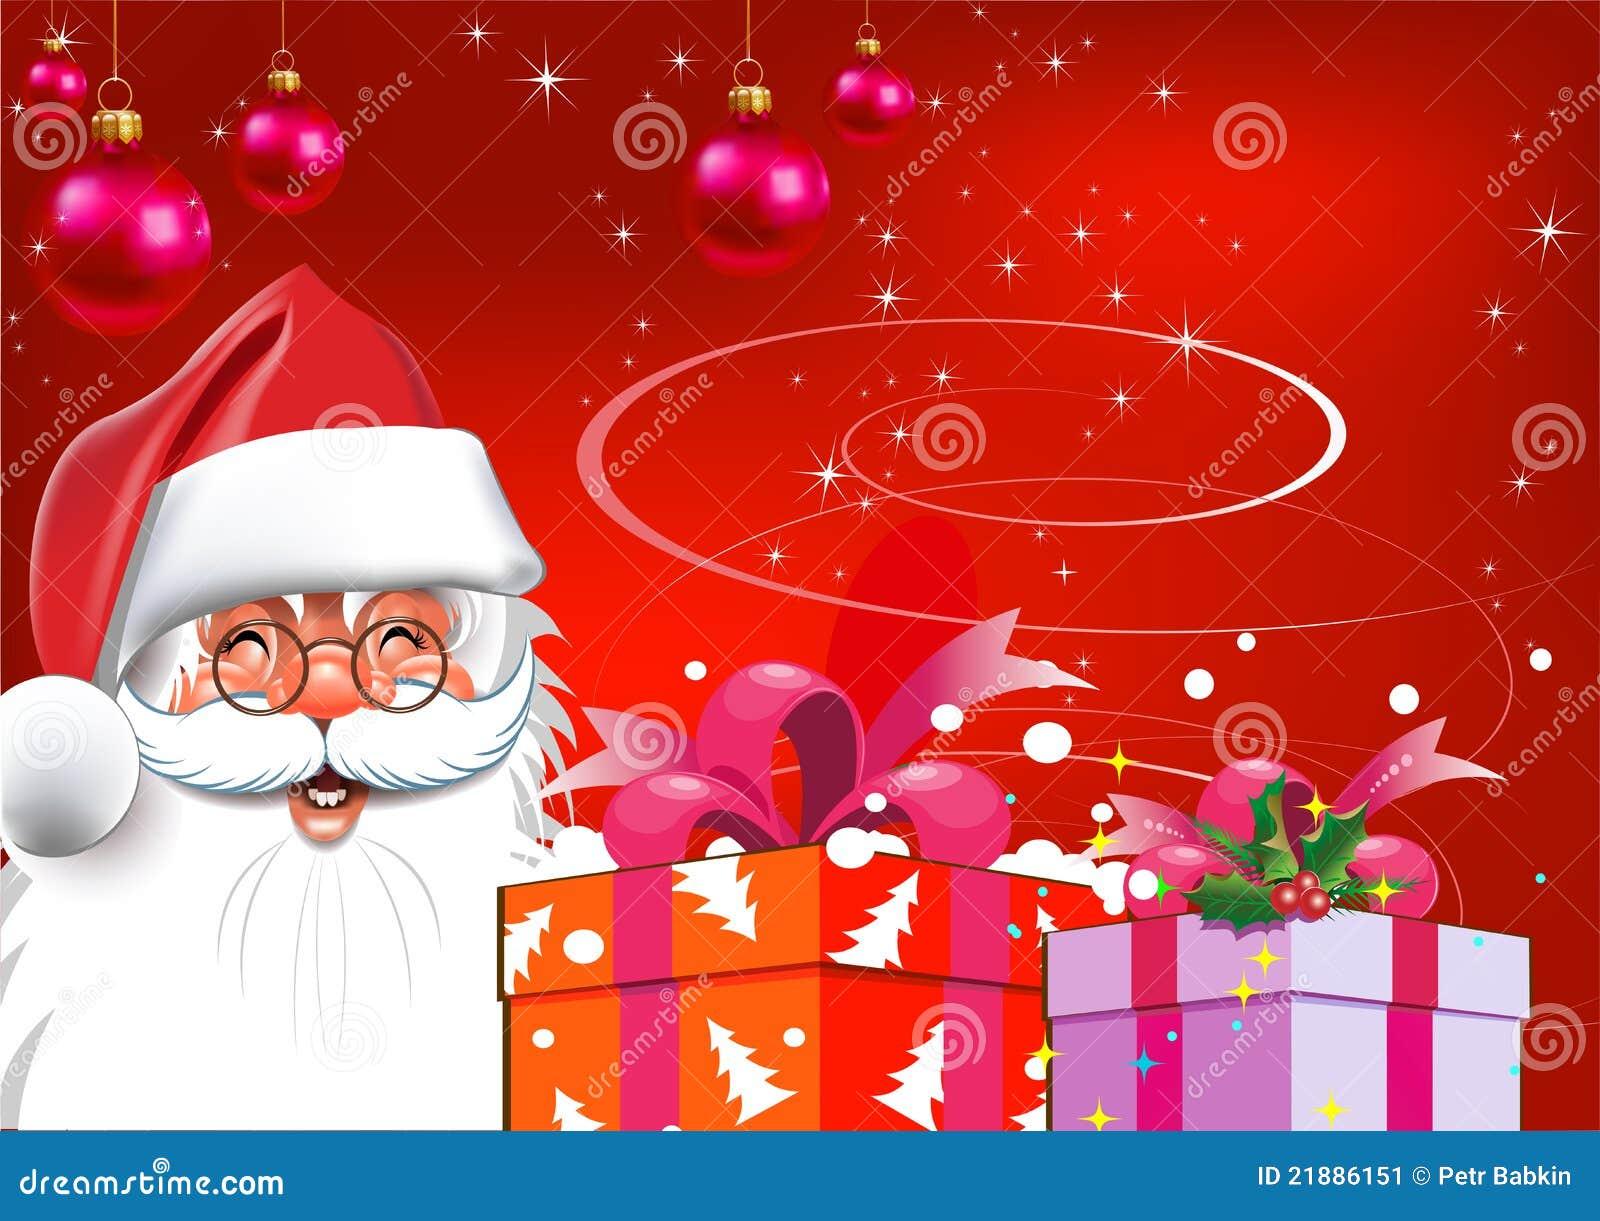 fondo navidad regalos